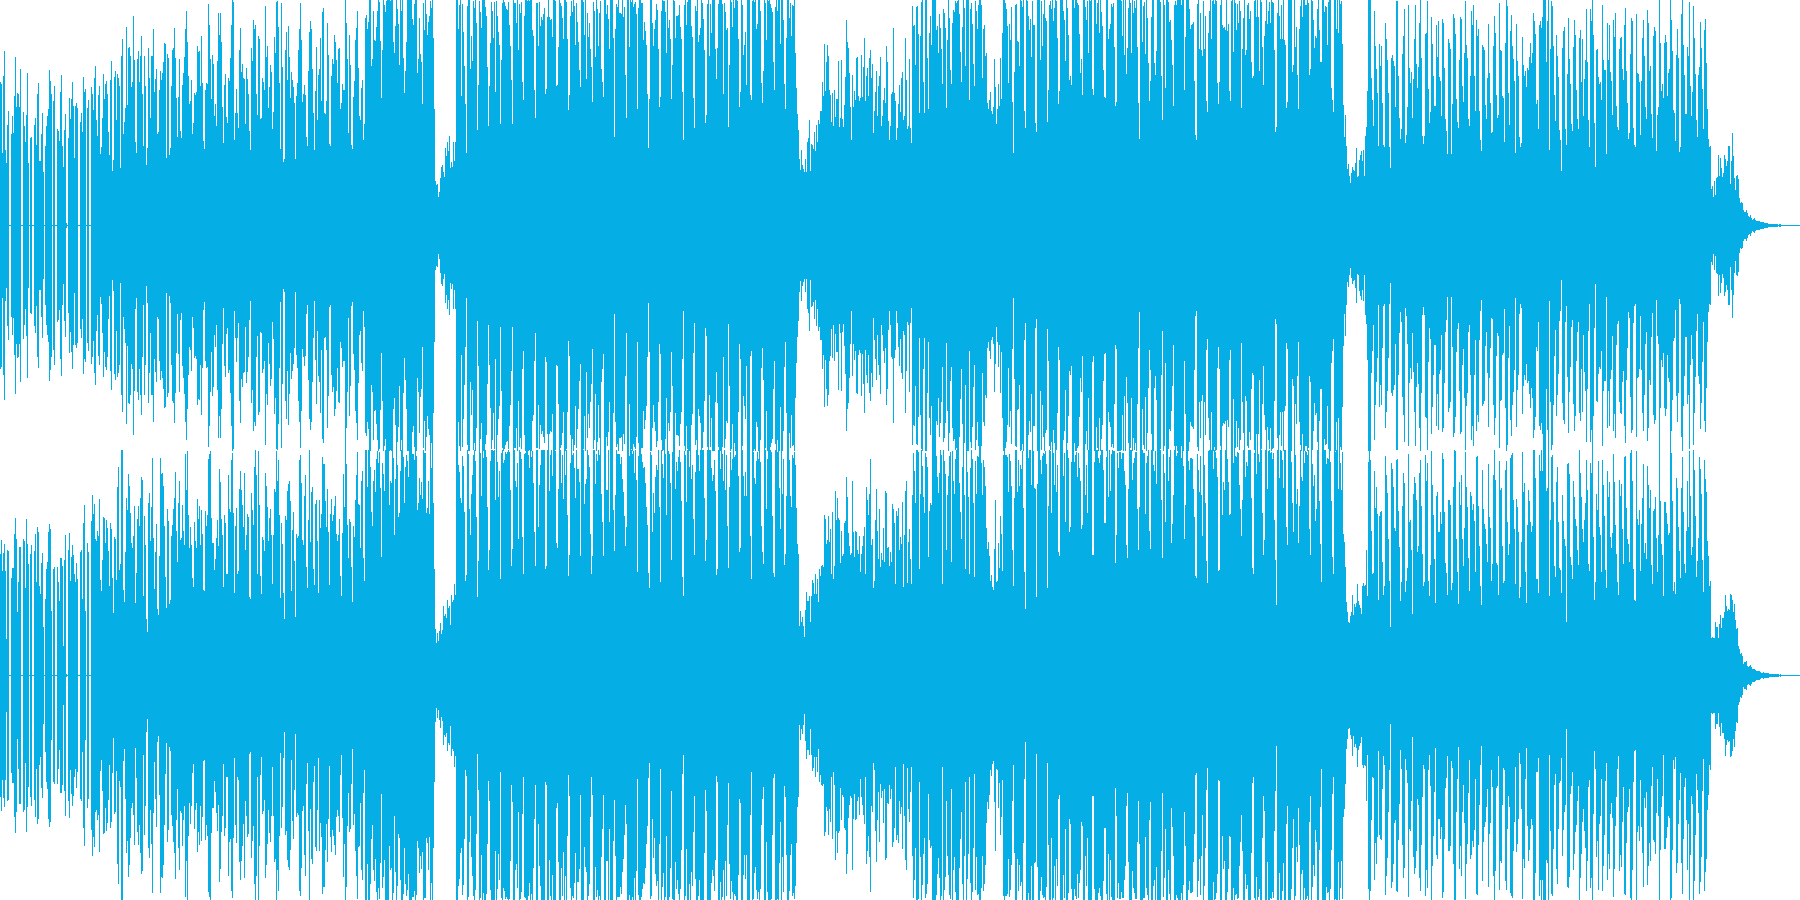 ベースの音が印象的で幻想的なテクノの再生済みの波形